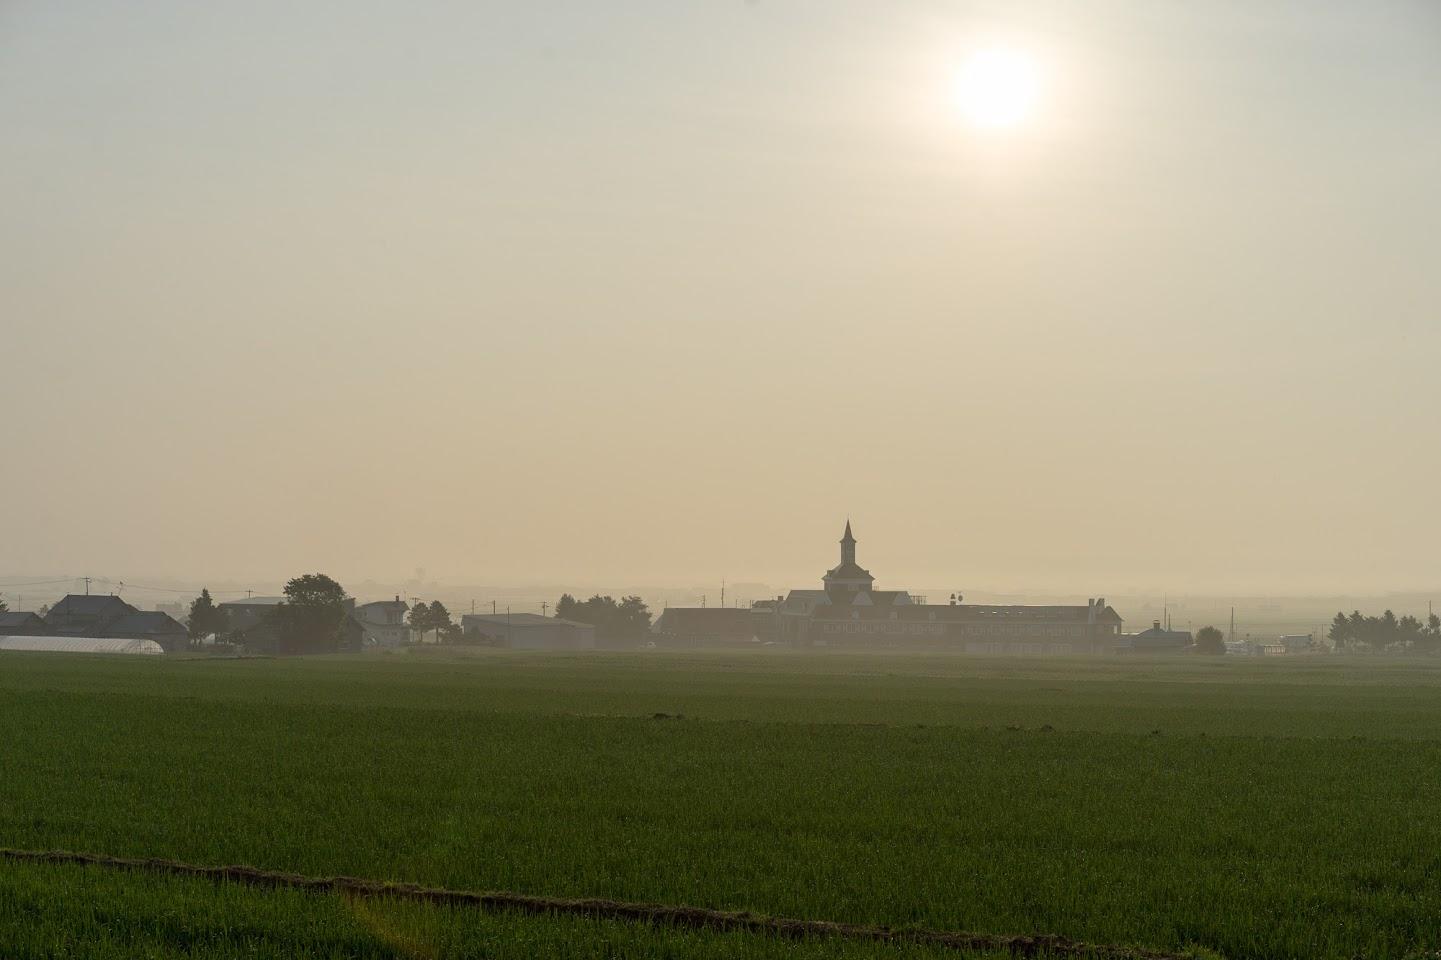 朝霧に包まれたサンフラワーパーク北竜温泉